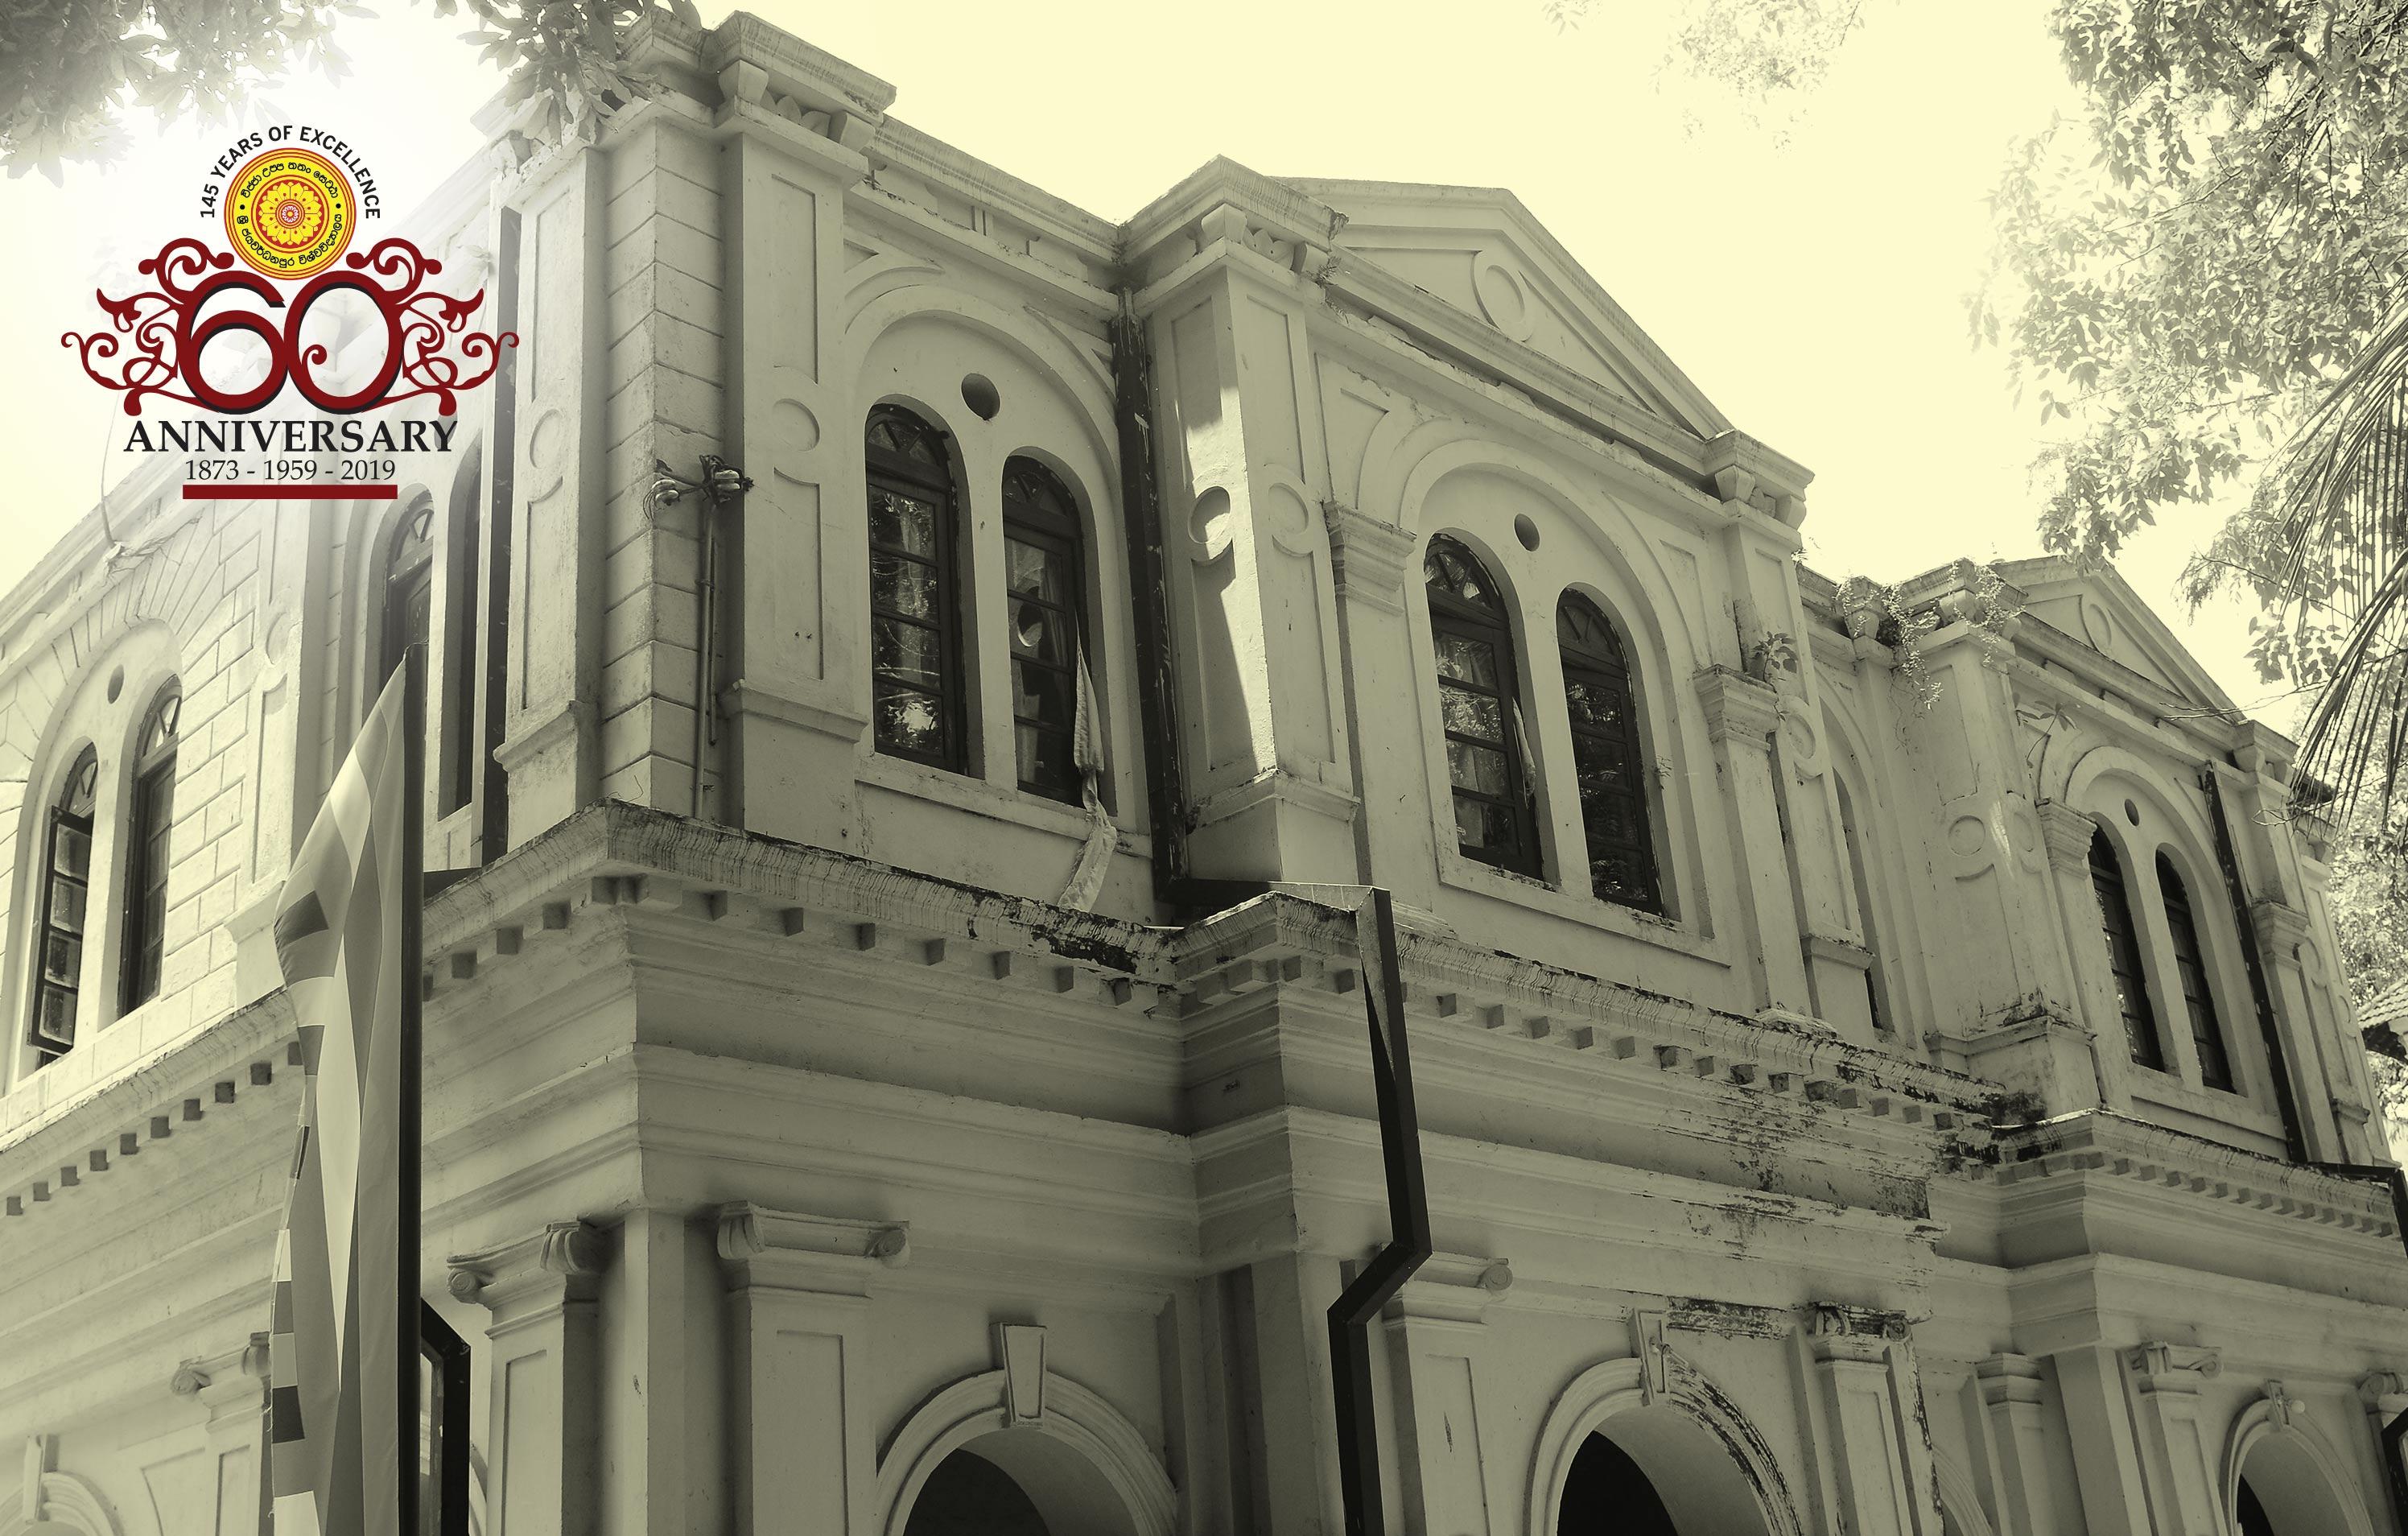 60th Anniversary - University of Sri Jayewardenepura, Sri Lanka